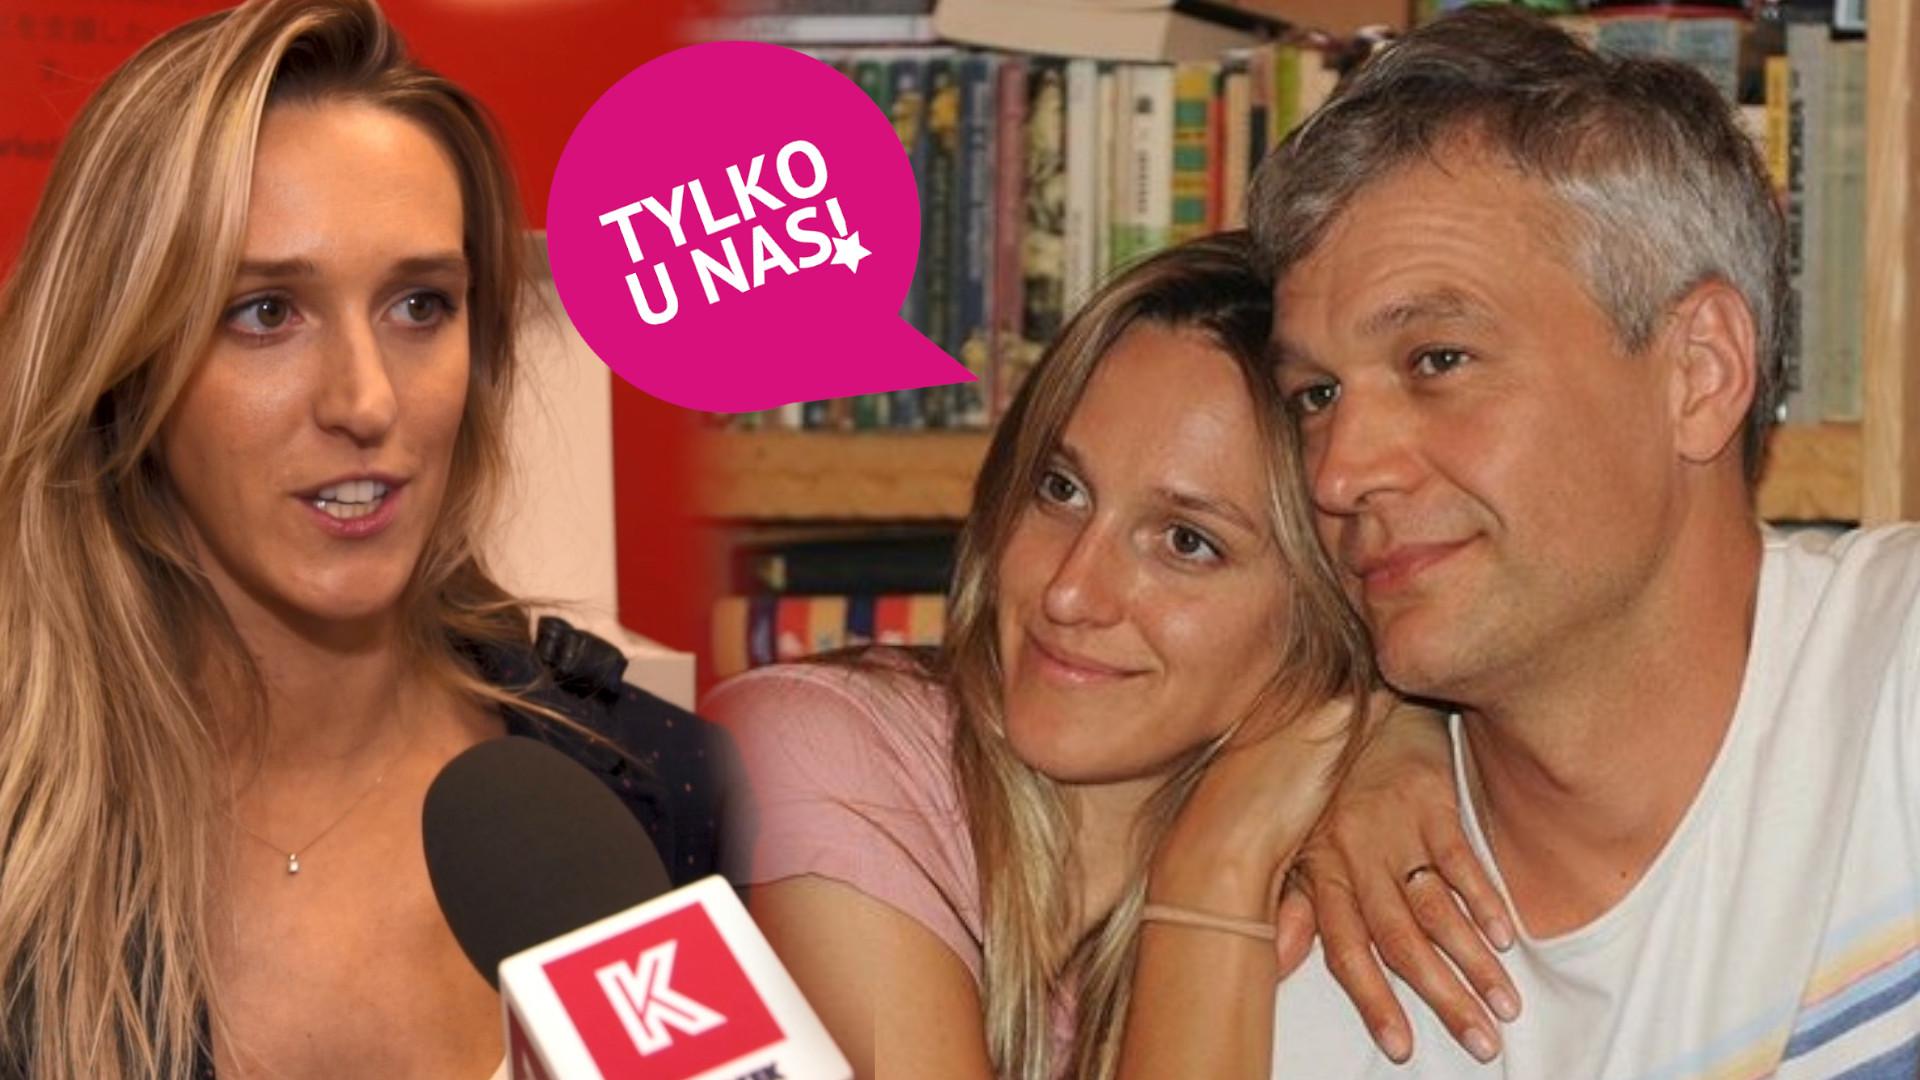 Michał Żebrowski z żoną przestali nagrywać vlogi na YT. Ola Żebrowska tłumaczy nam dlaczego?